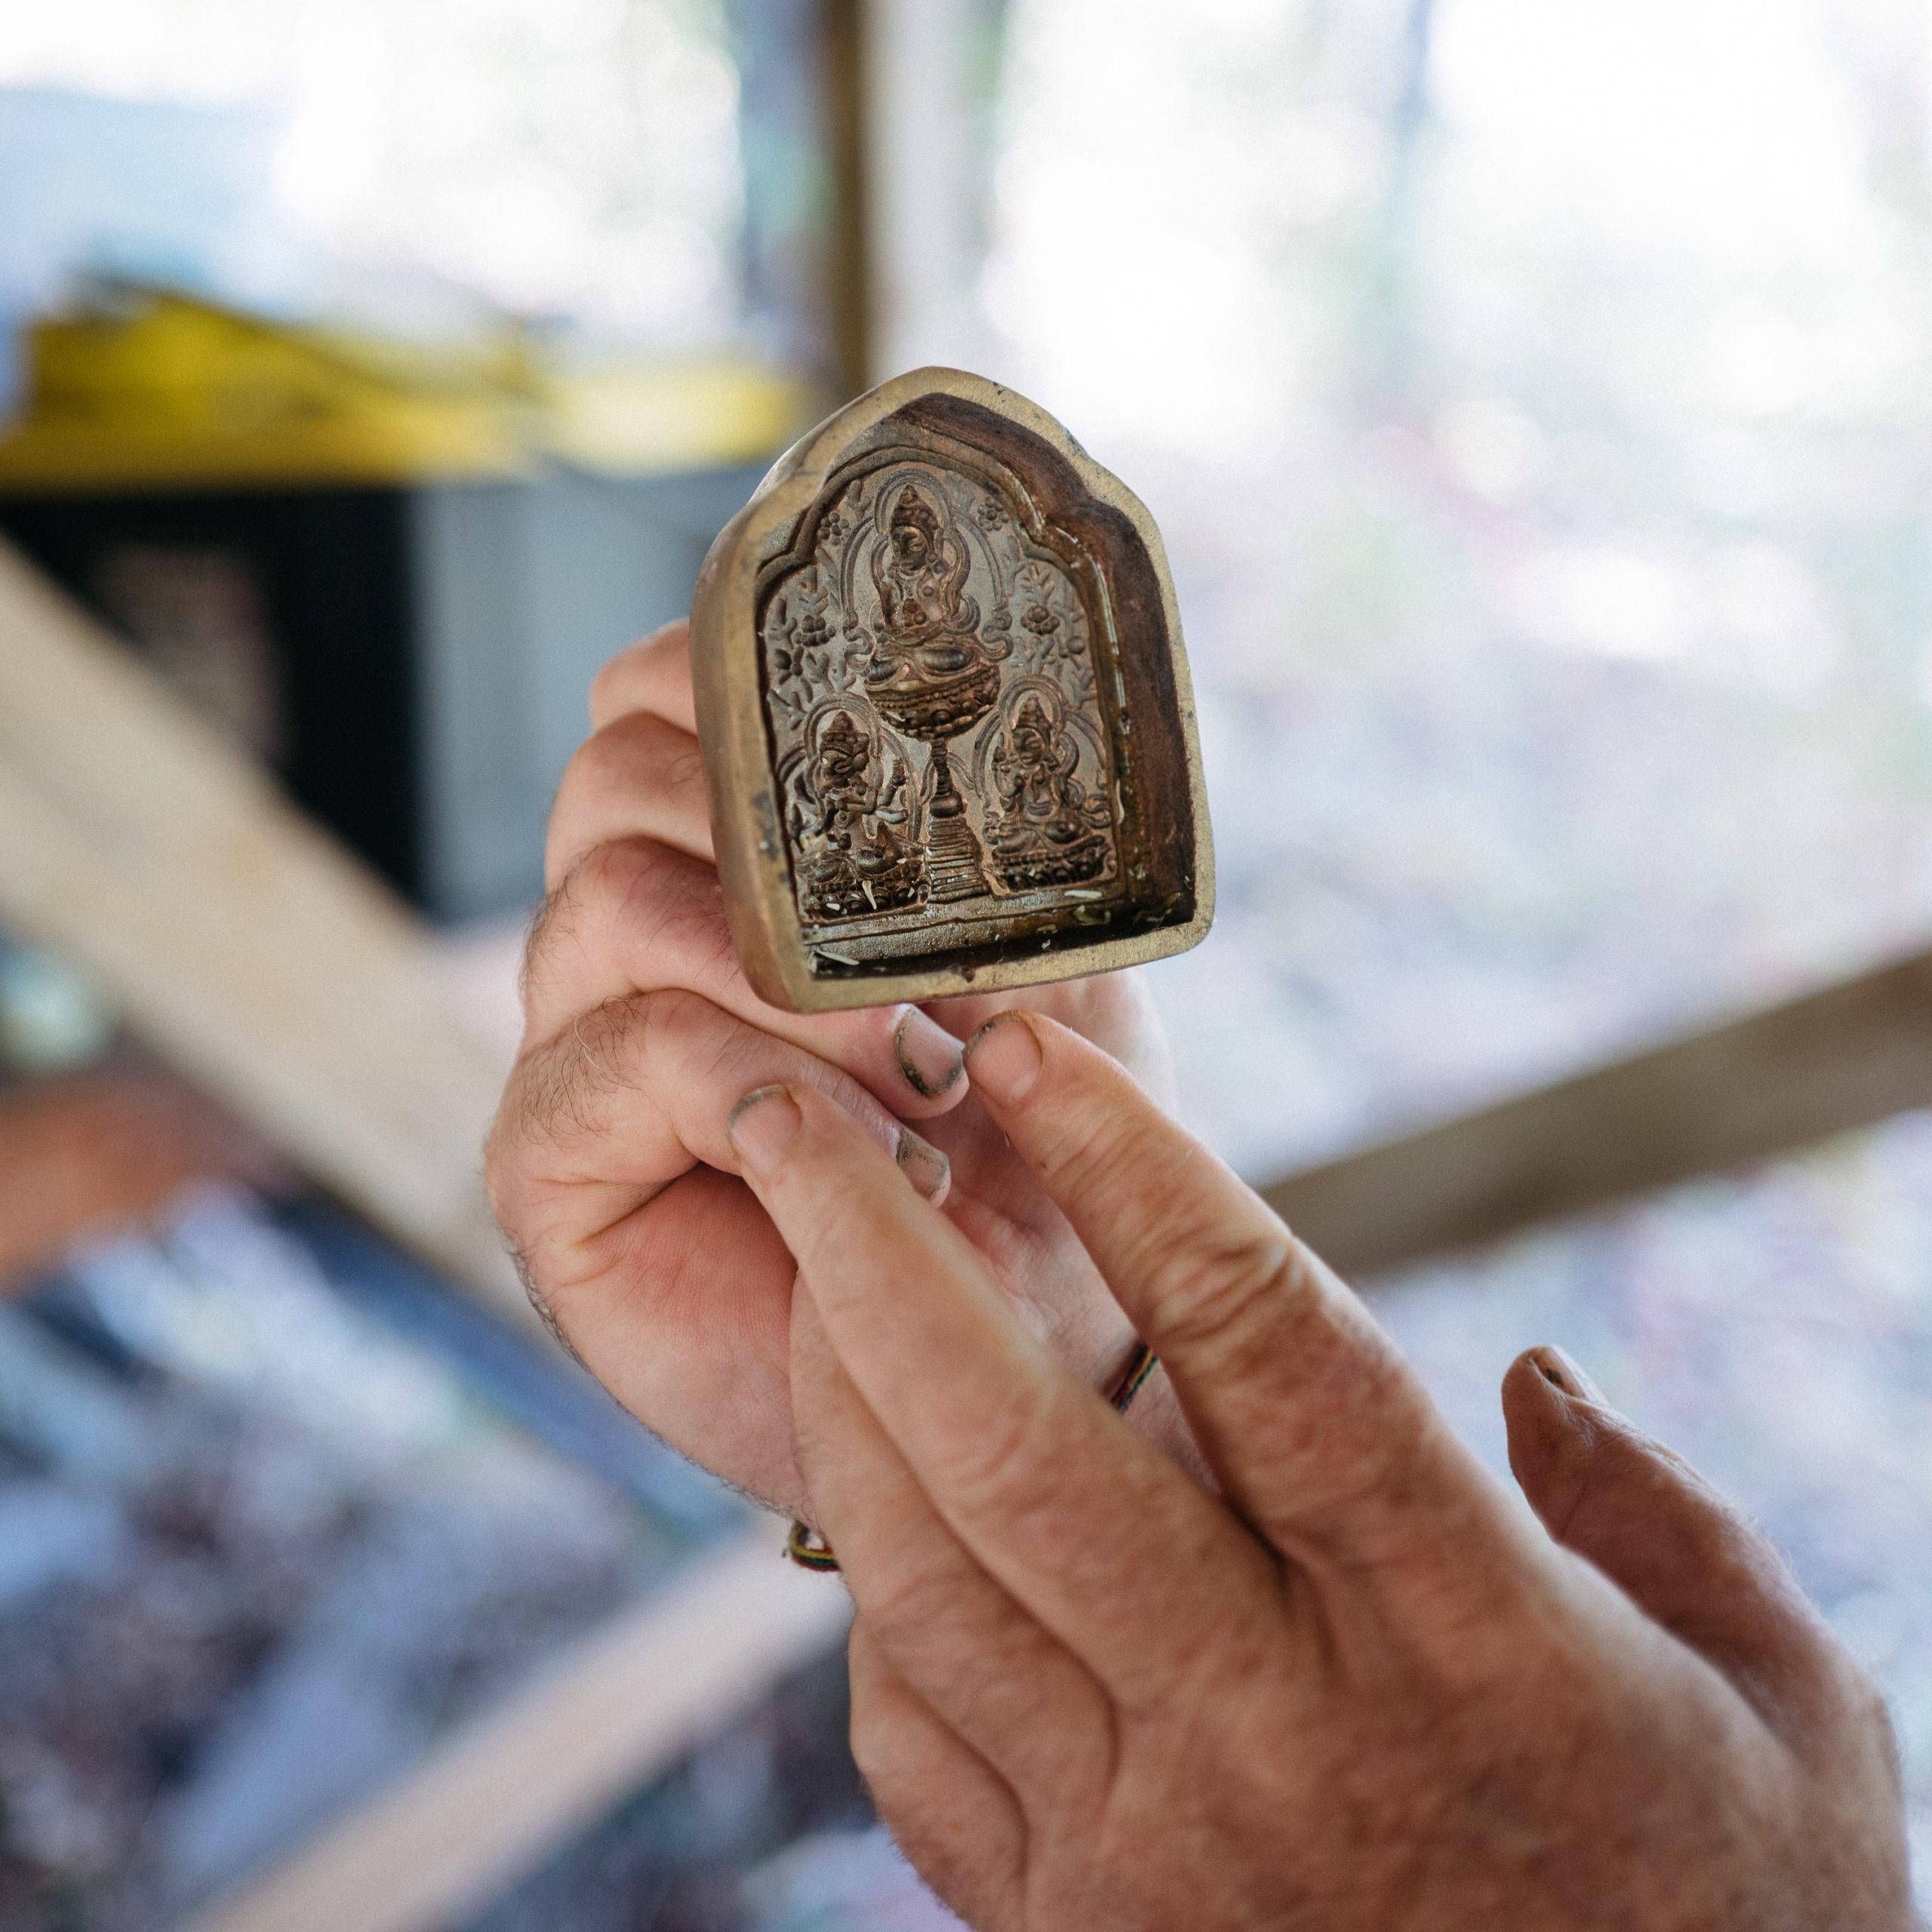 Hands holding a metal tsa-tsa form of Tara